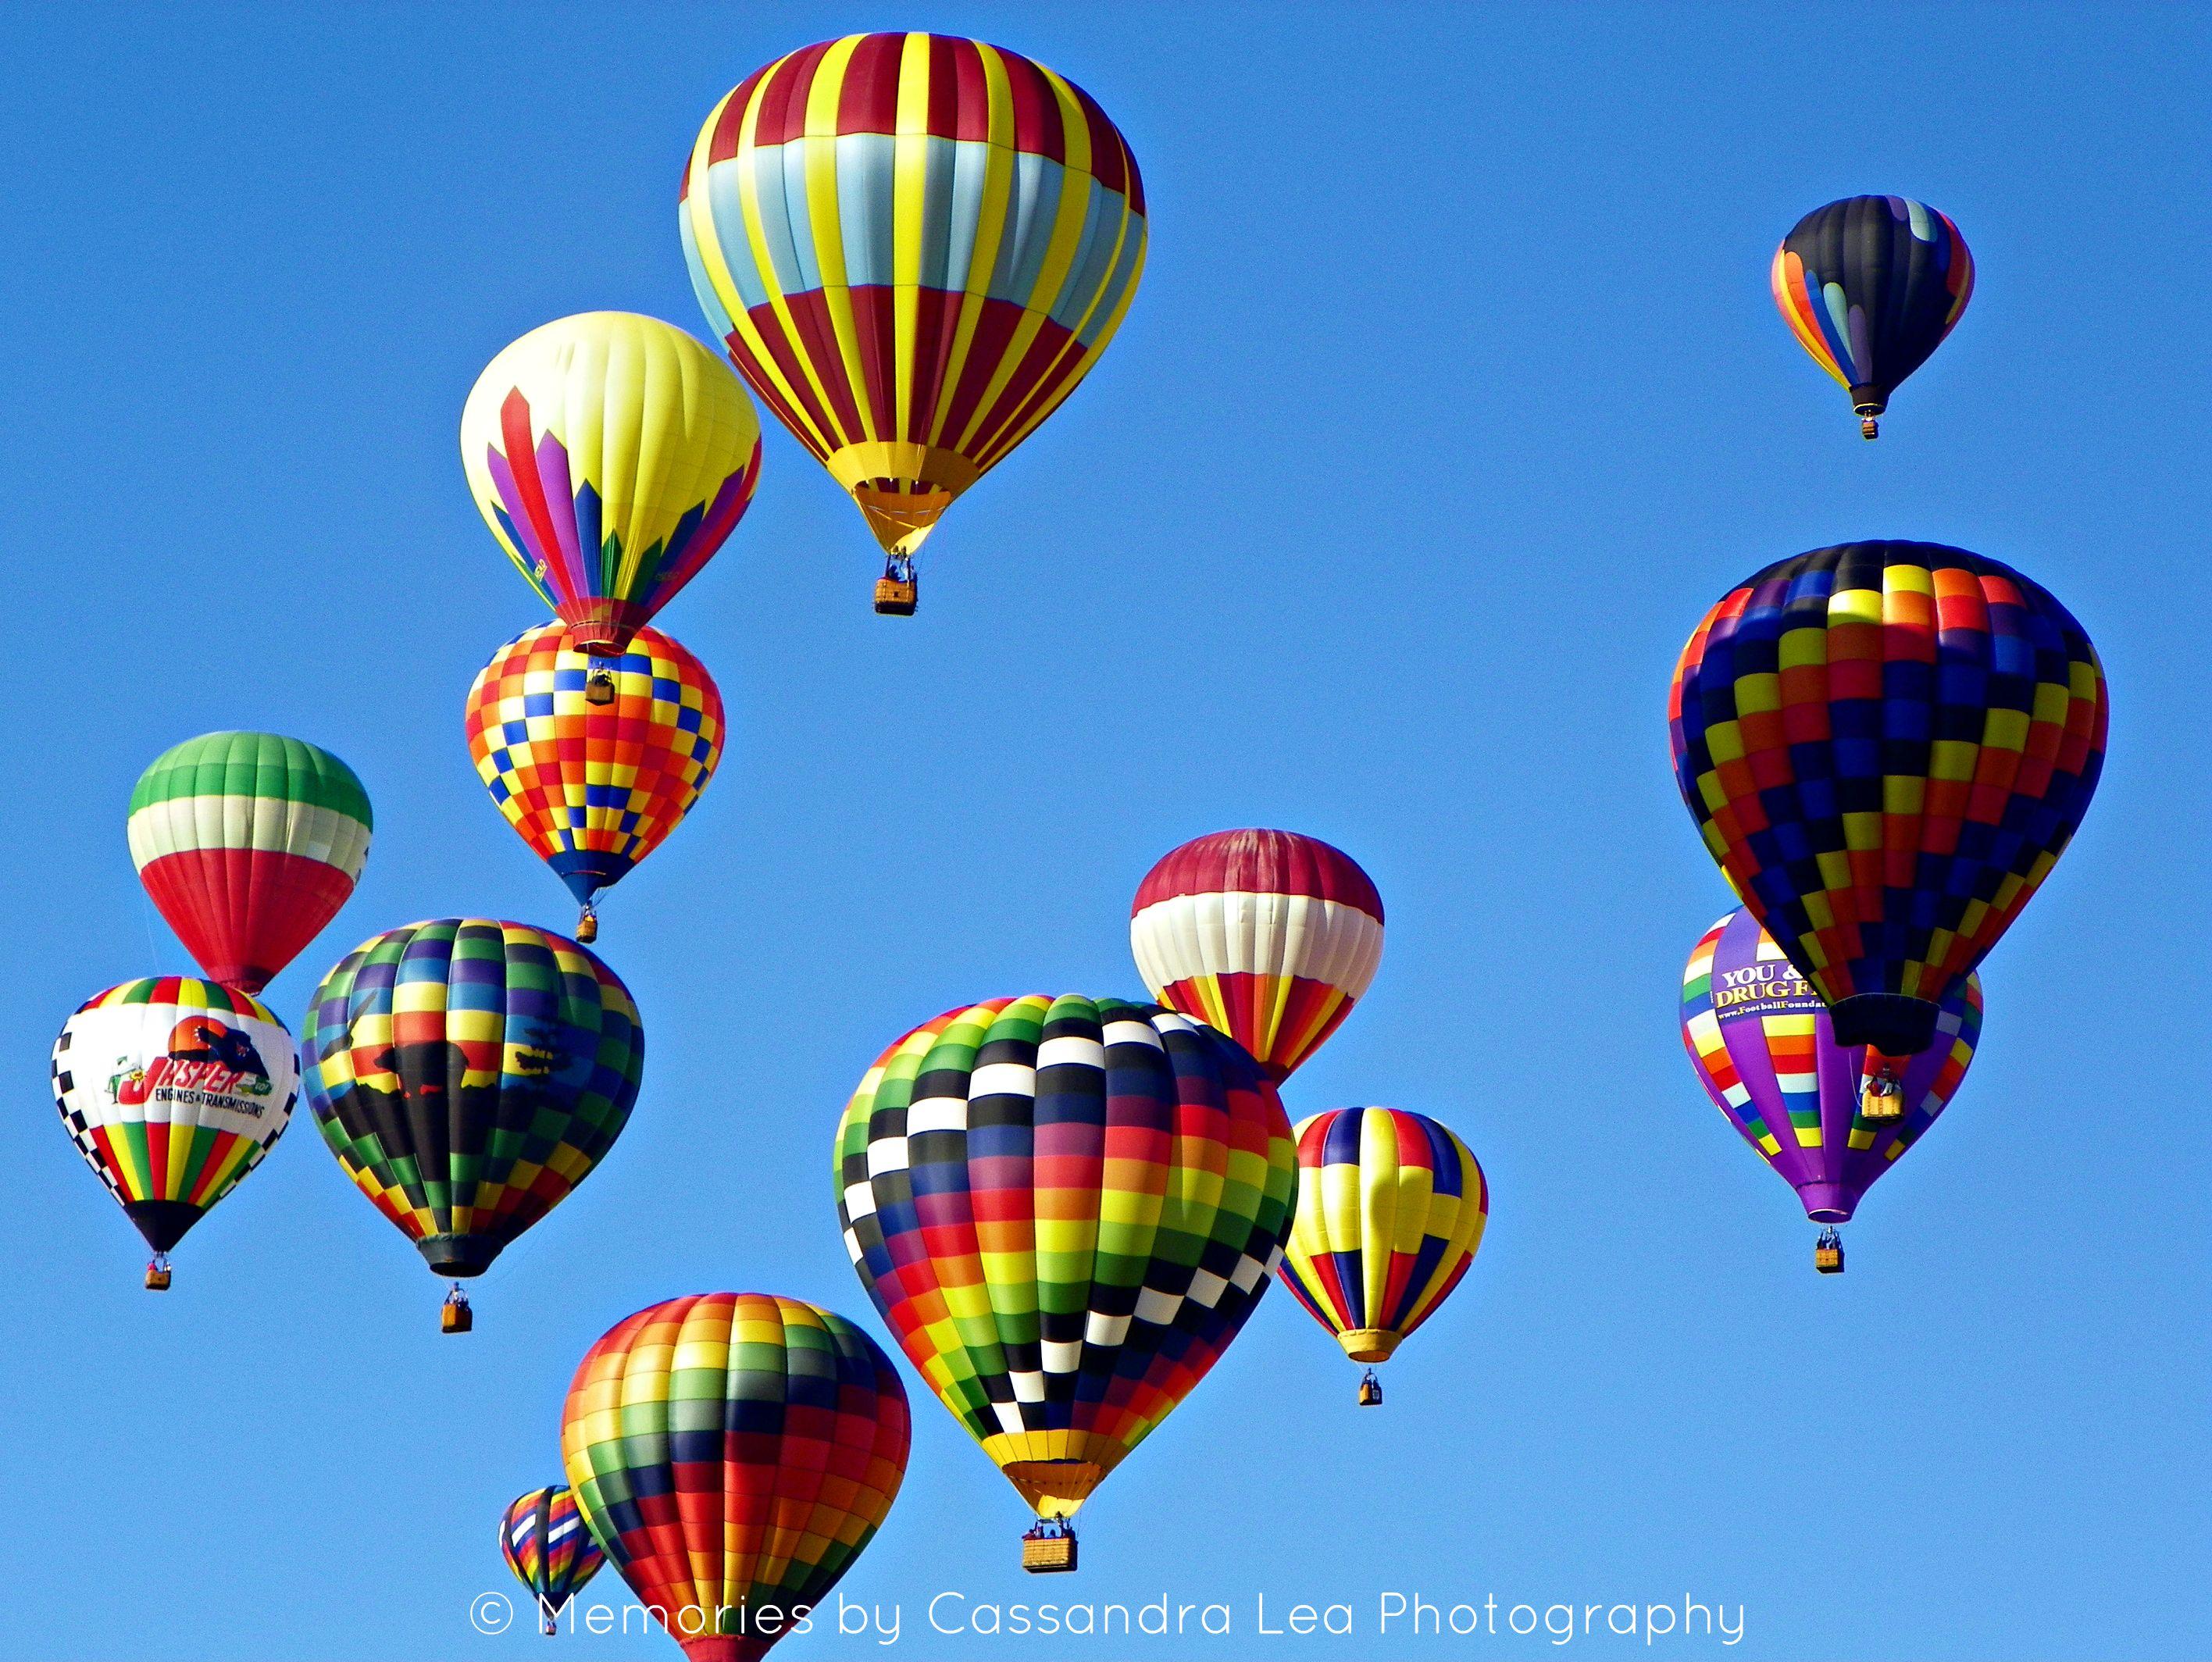 Hot Air Balloons rising at the 2011 Carolina BalloonFest